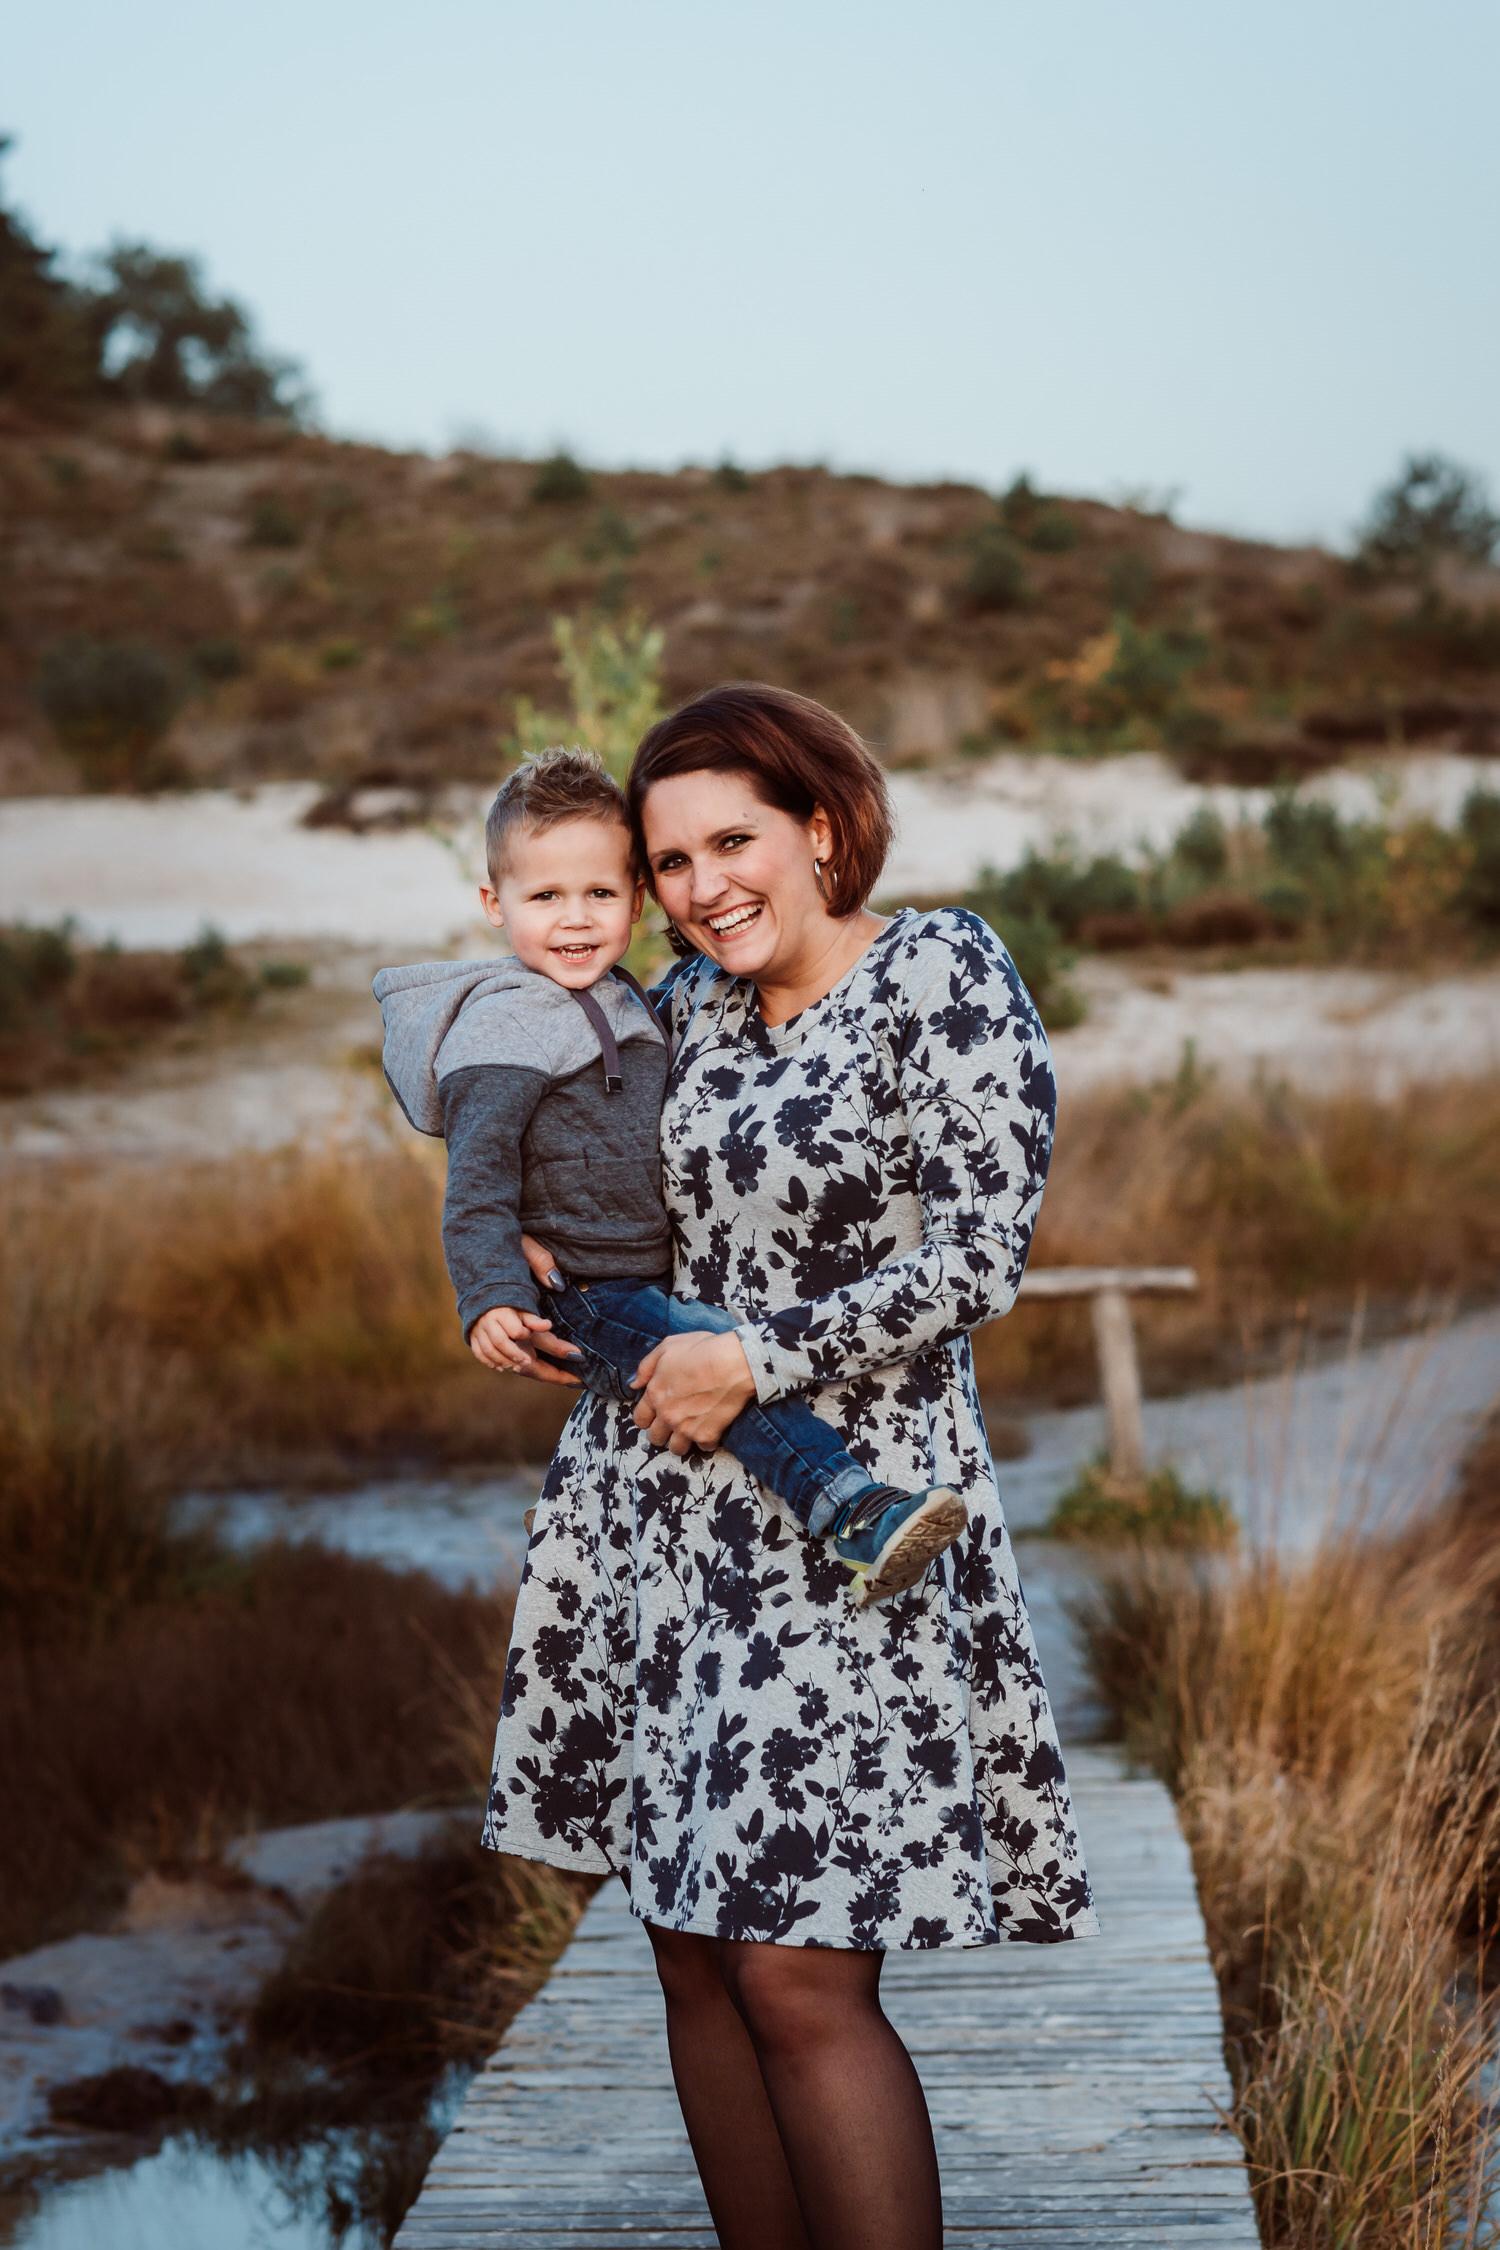 Mama mit Sohn | Familienbilder im Abendlicht | Familienfotografie Aachen